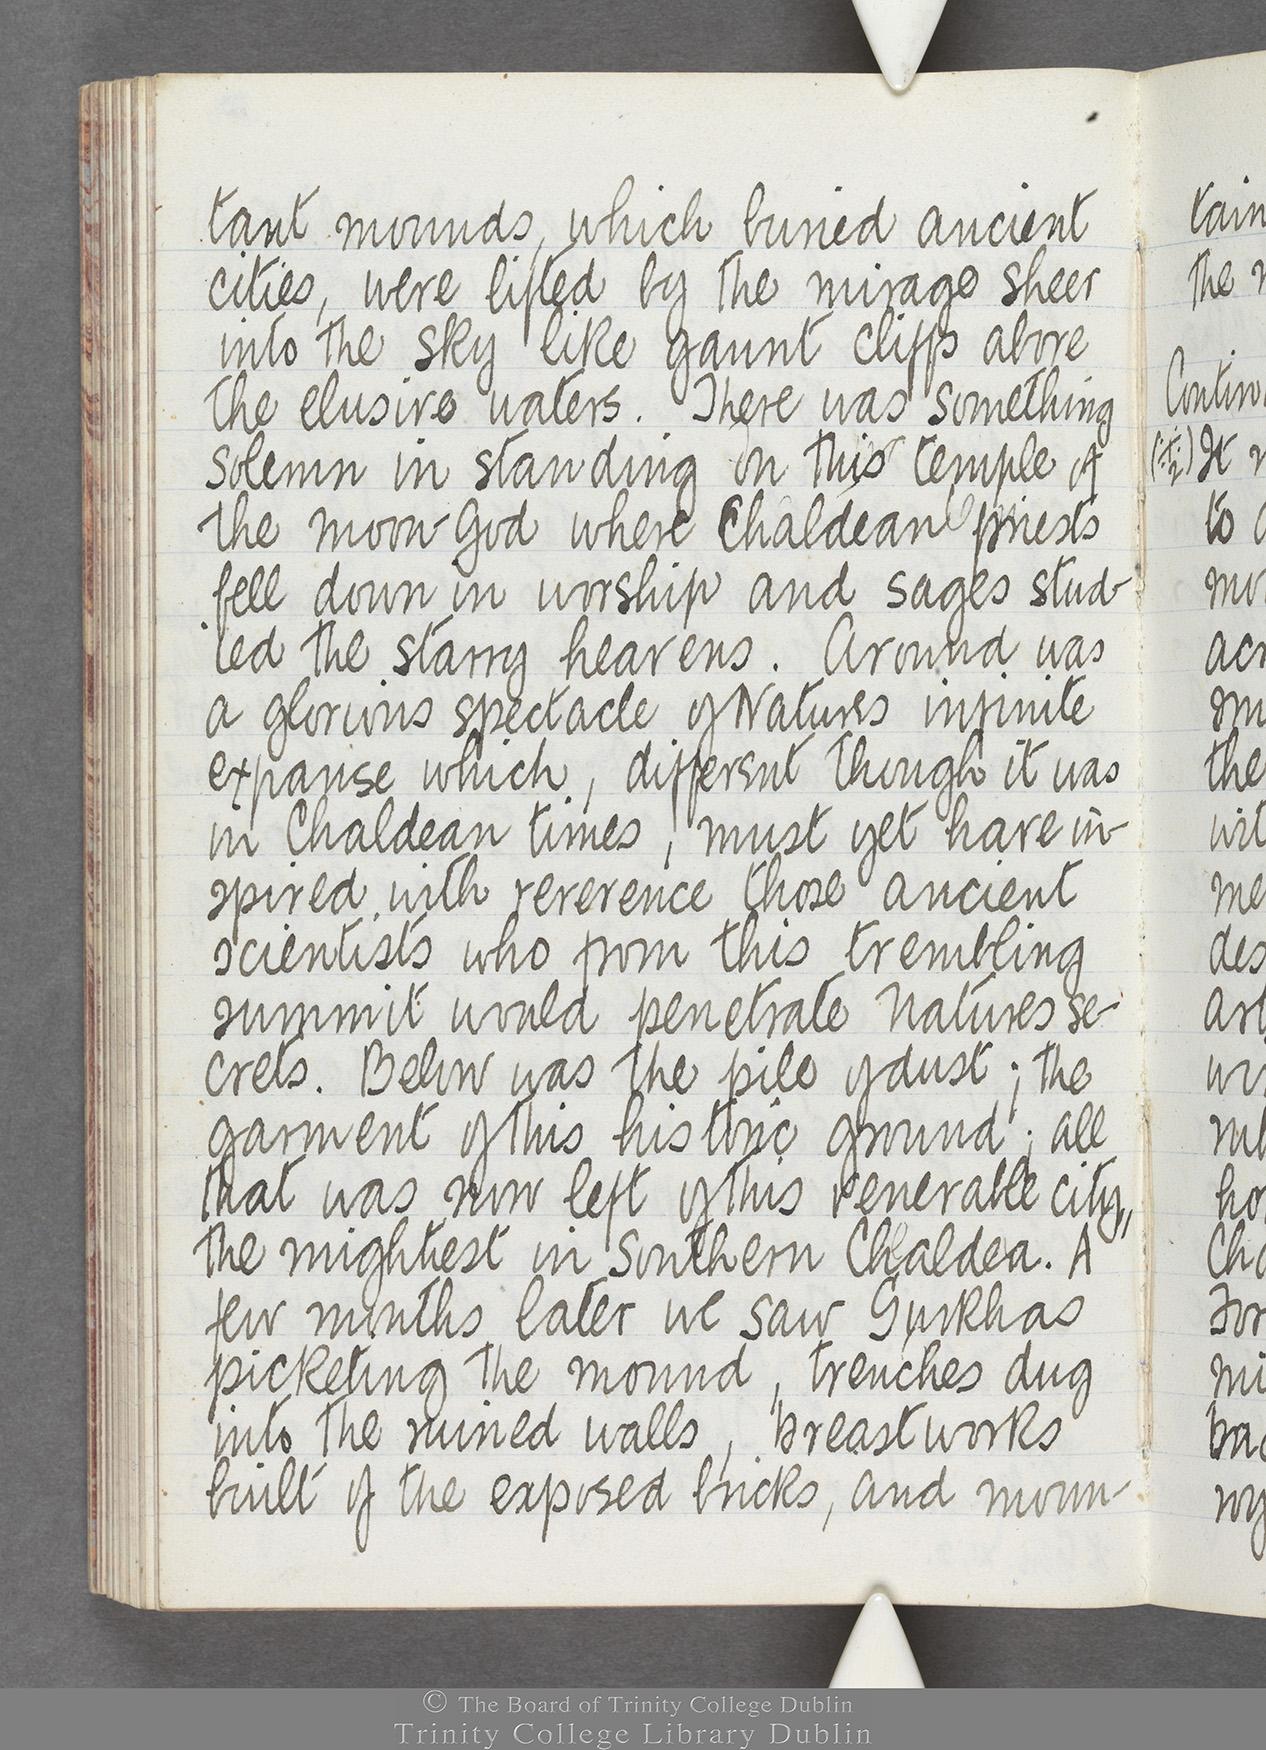 TCD MS 10516 folio 88 verso